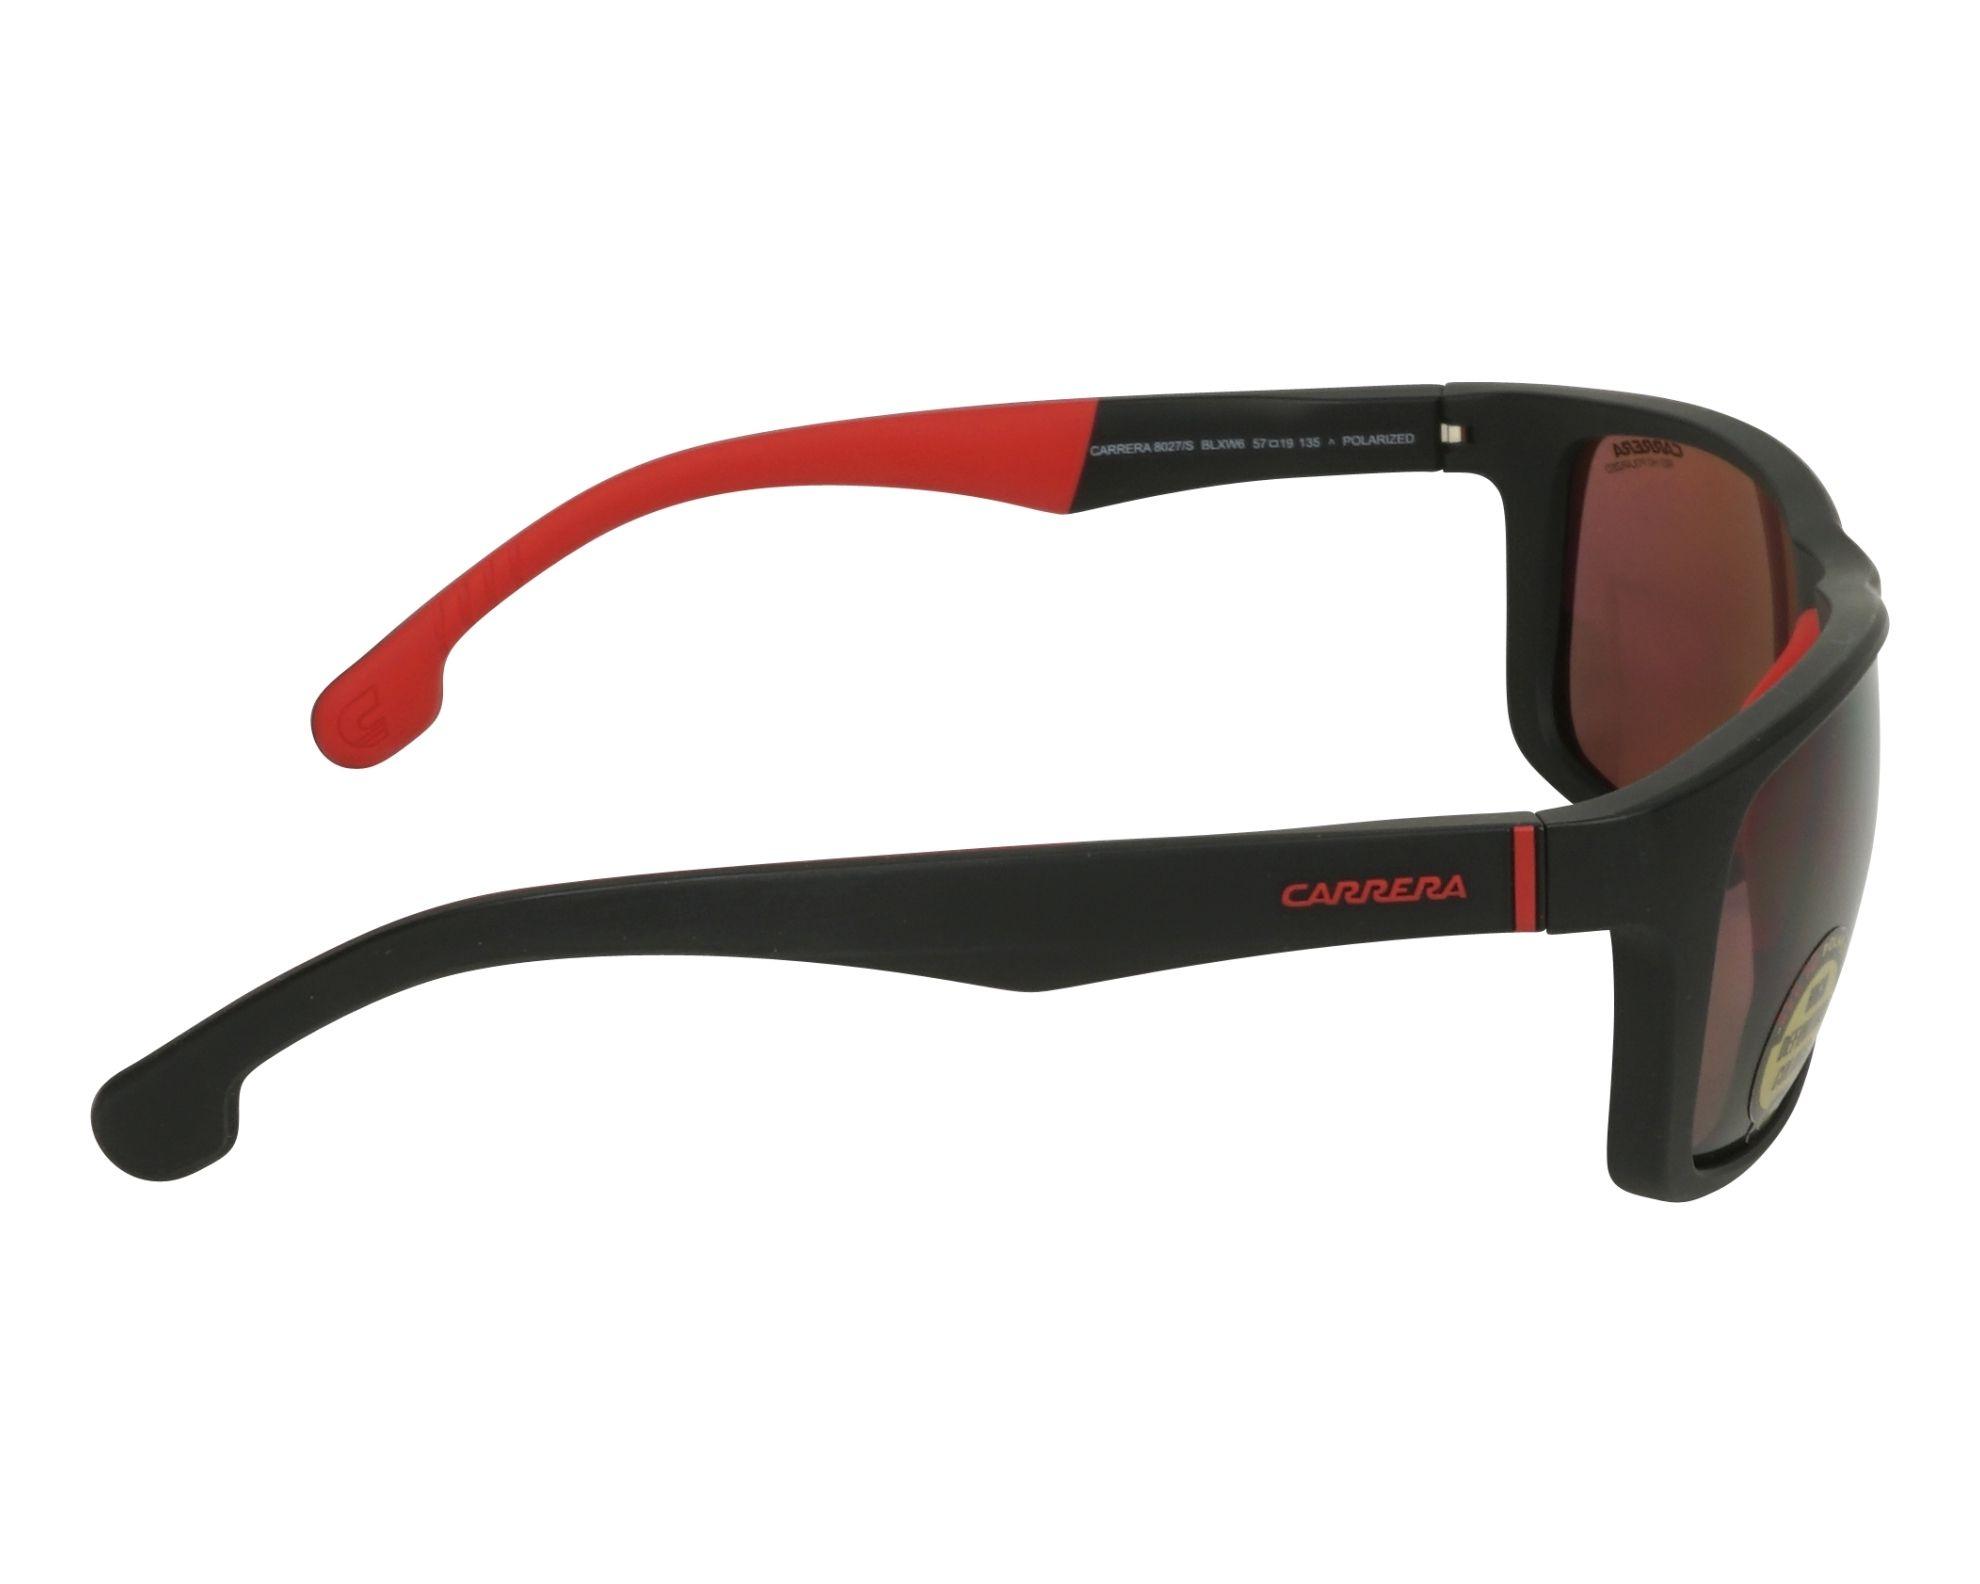 17f9db814f9 Sunglasses Carrera 8027-S BLX W6 57-19 Black Red side view